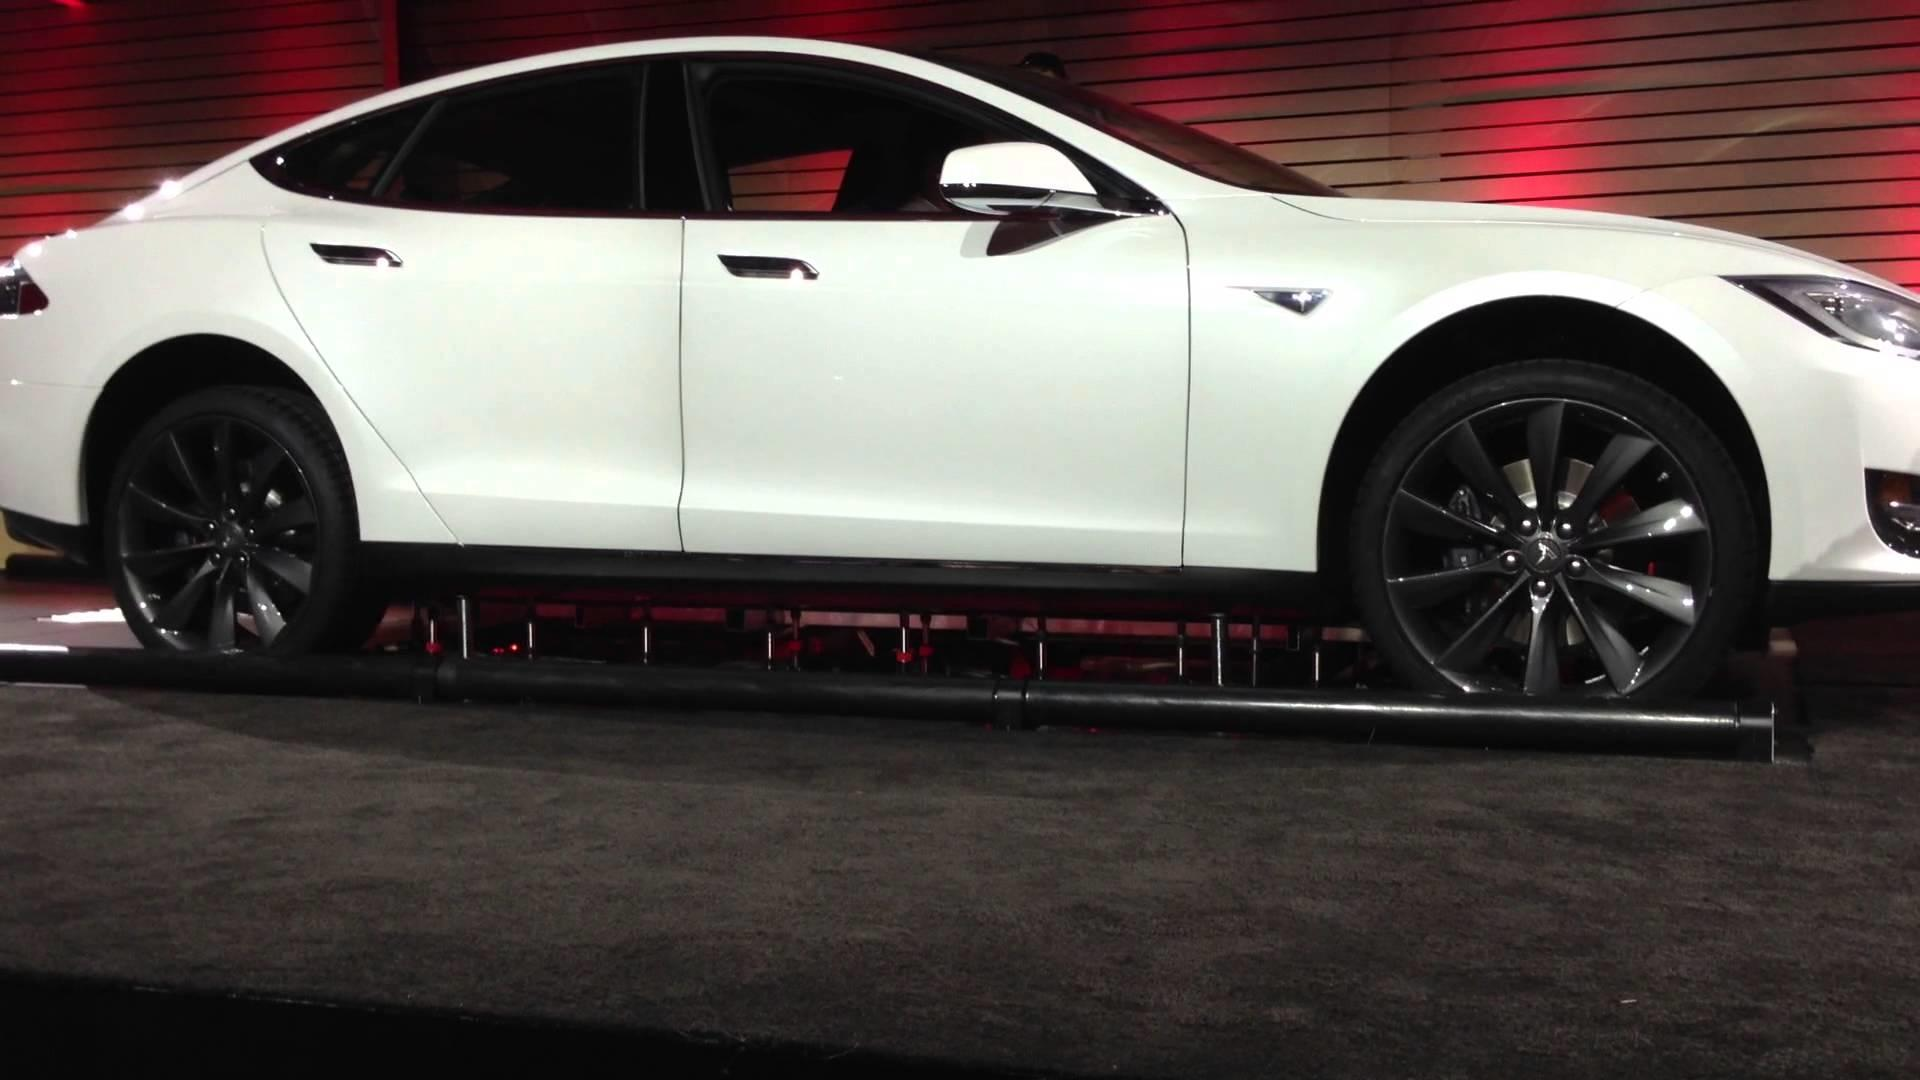 замена акб на автомобиле tesla model s